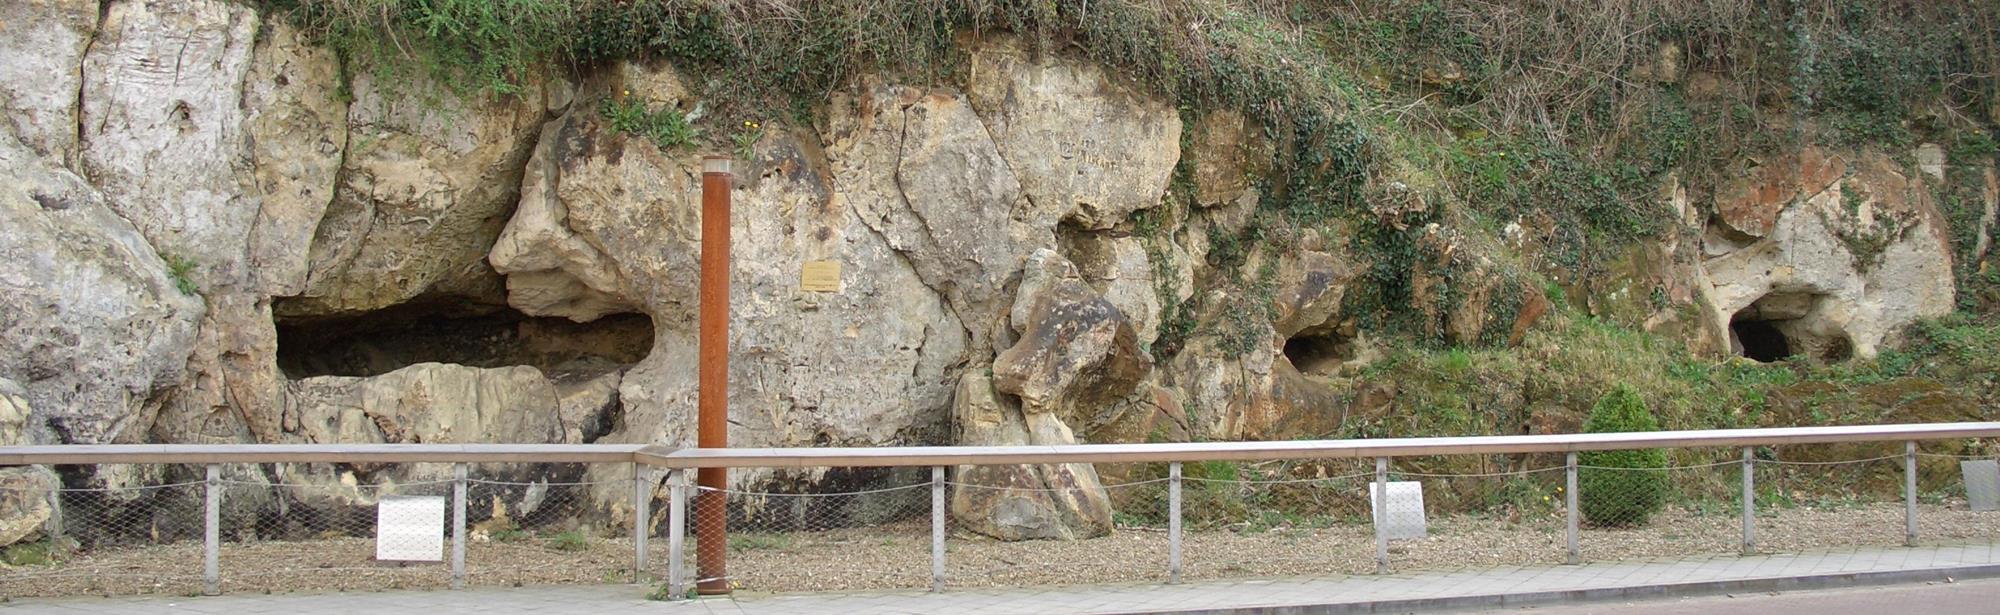 Vuursteenmijn Valkenburg